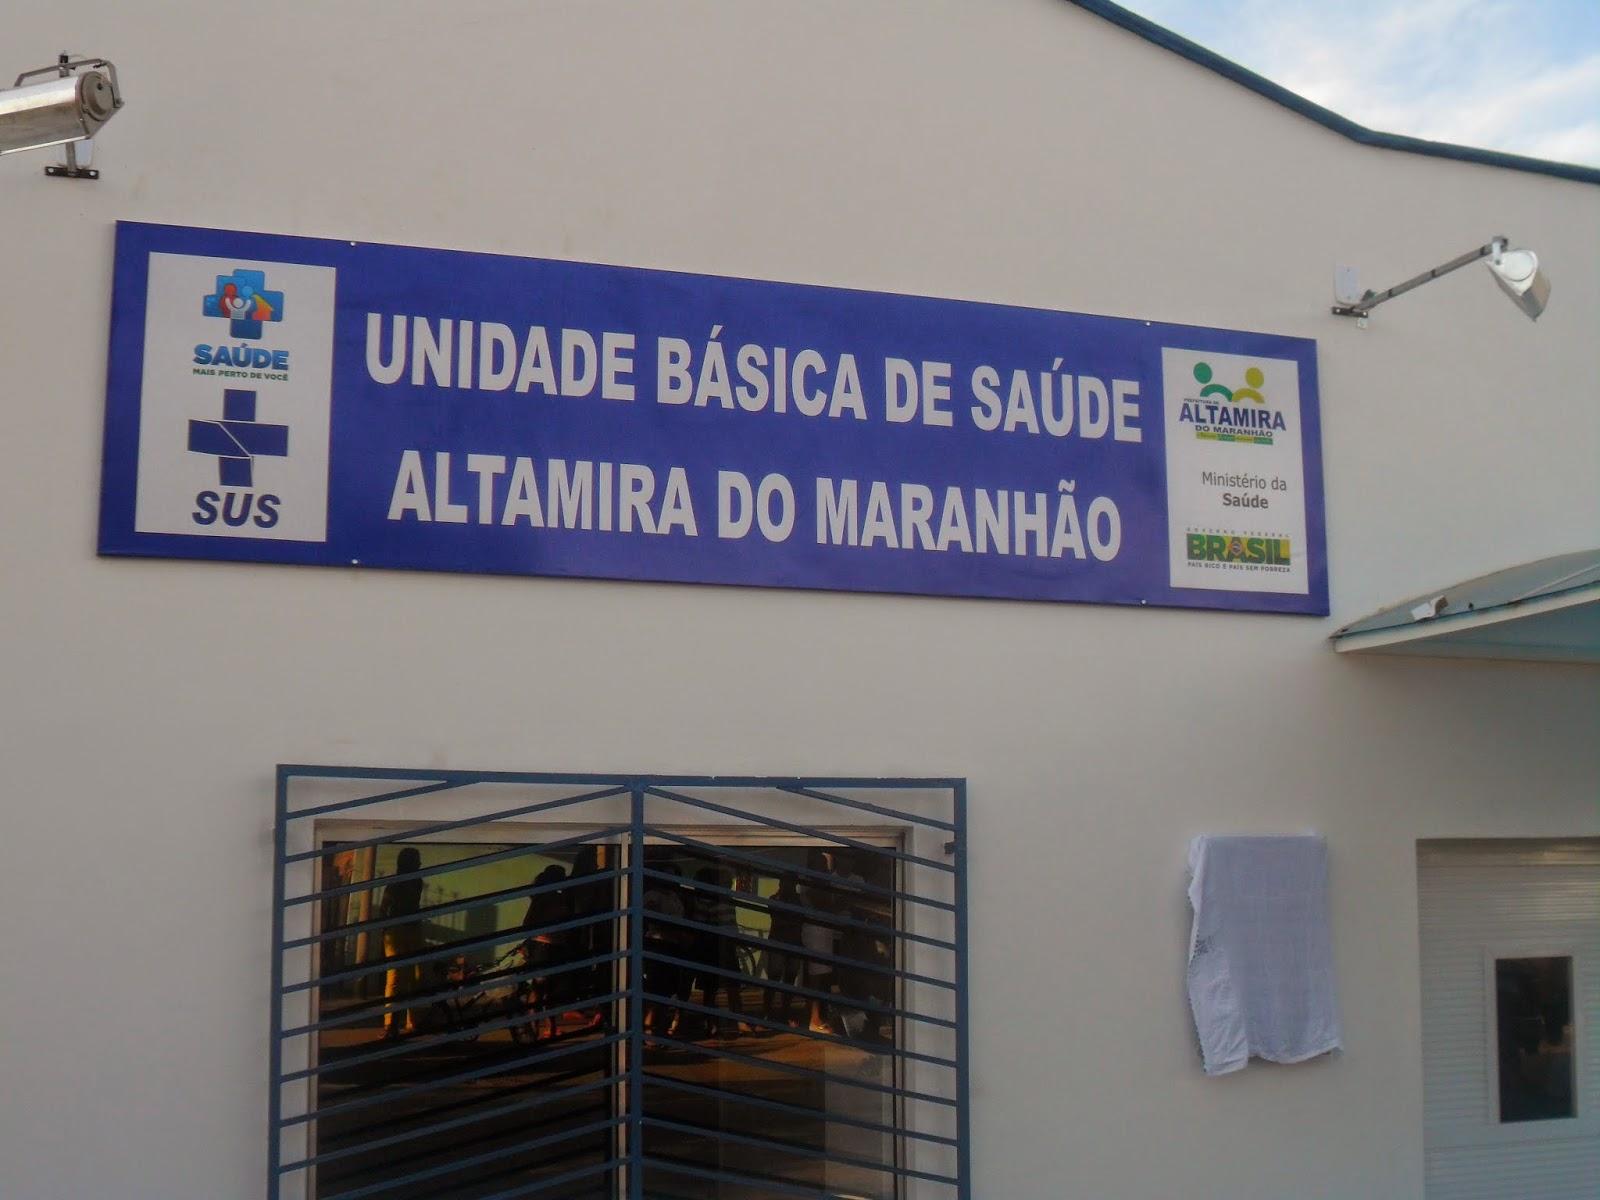 UBS Altamira do Maranhão